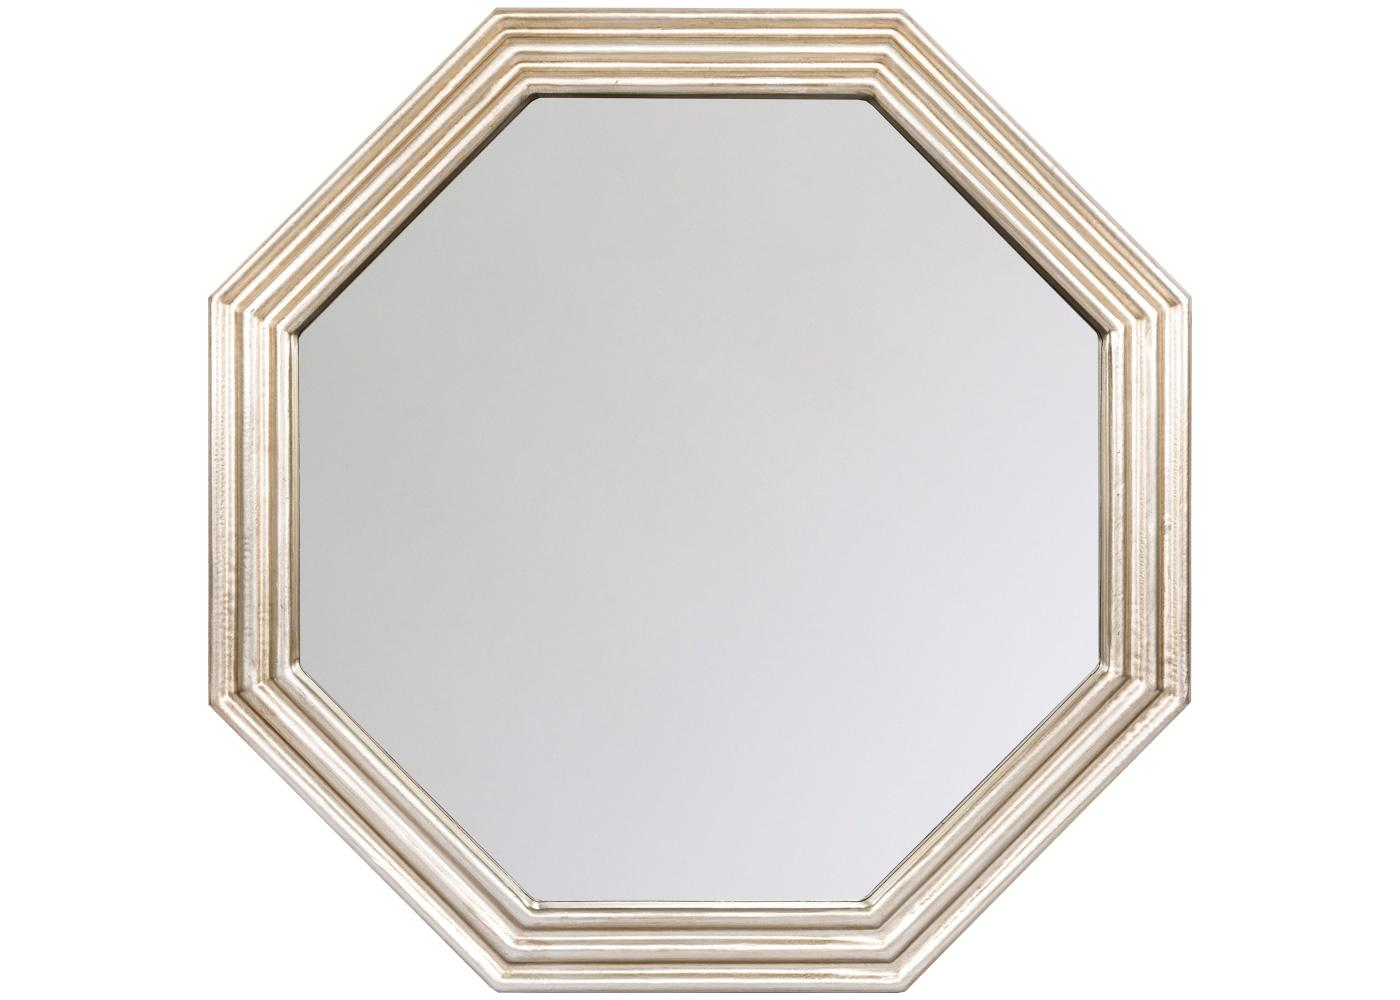 Настенное зеркало «Академи»Настенные зеркала<br>Зеркало &amp;quot;Академи&amp;quot; располагает интерьер к объему и свету. Этому способствуют мягкий платиновый цвет оправы, ступенчатые грани и широкая фацетная грань, награждающая отражения эффектом глубины. Удобный размер и гармоничная форма разместят это зеркало в любом из домашних помещений. Особые рекомендации - ванной комнате и спальне, где золотистая оправа роскошно сочетается со шкатулками, парфюмерными и косметическими флаконами.<br><br>Material: Полиуретан<br>Ширина см: 76<br>Высота см: 76<br>Глубина см: 4.0